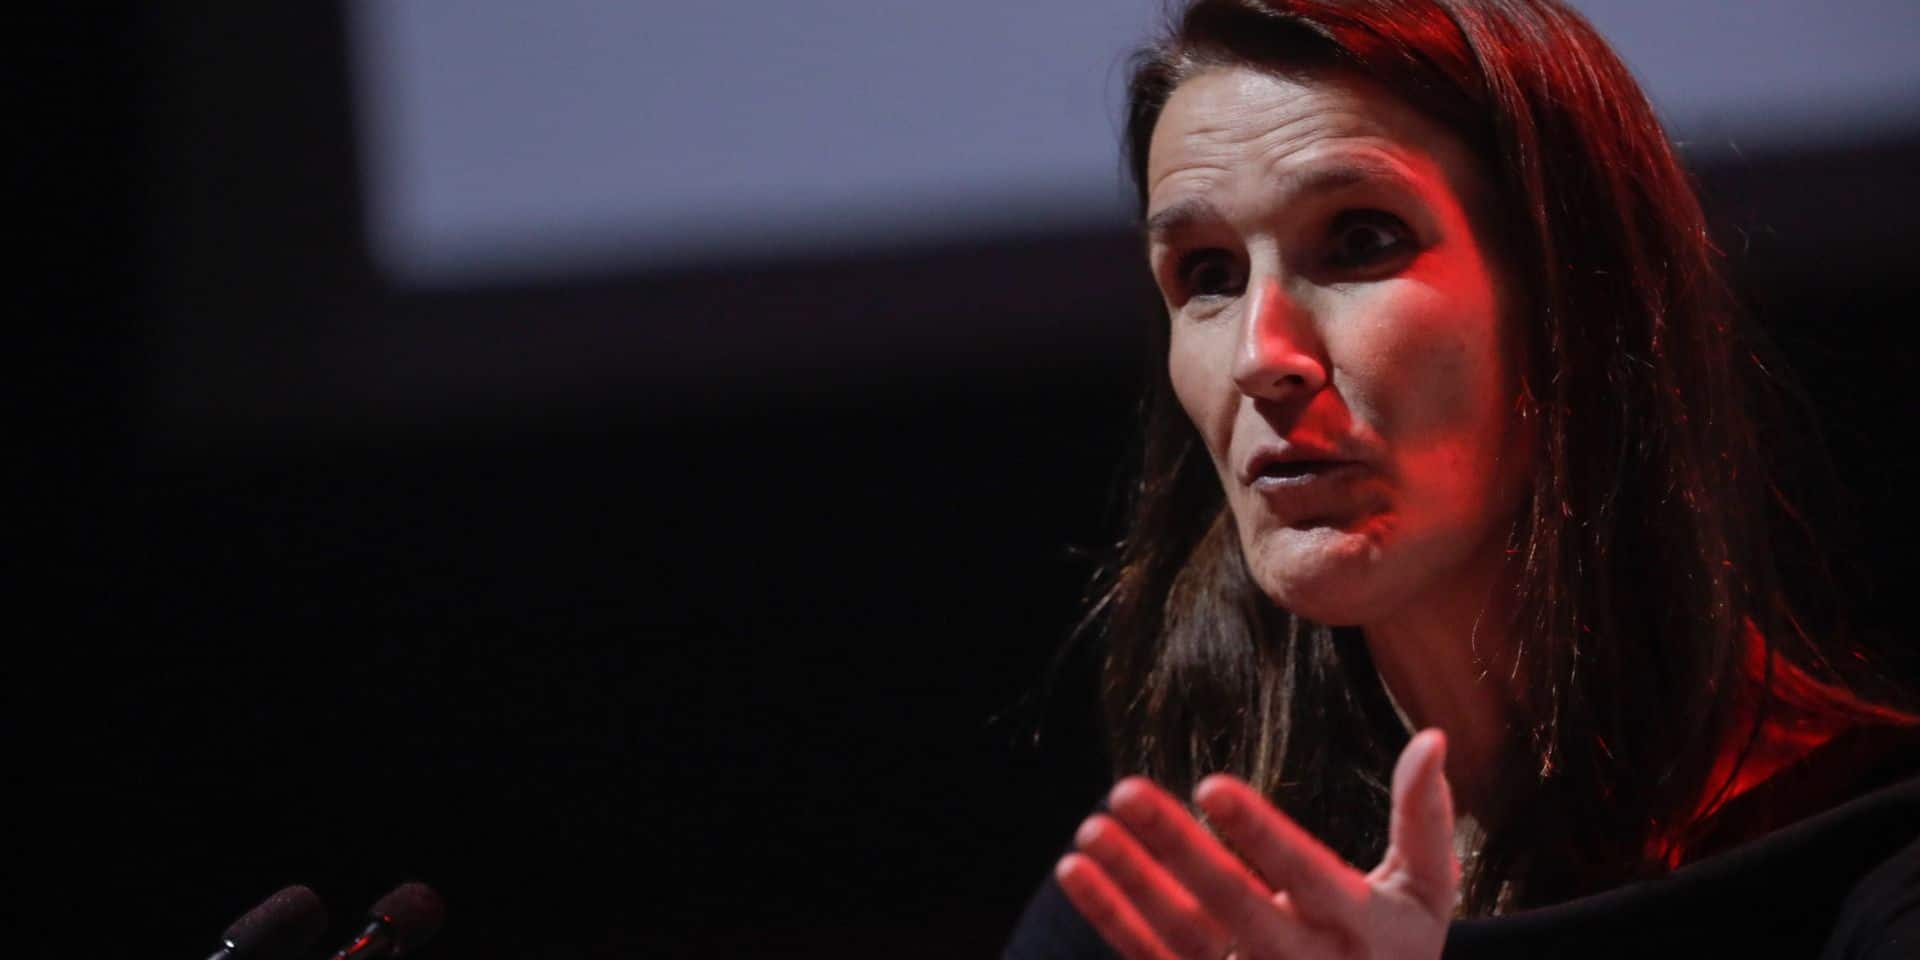 """Sophie Wilmès sceptique quant aux chances de constituer un gouvernement provisoire: """"Intéressant de réfléchir à un plan B mais l'option A doit primer"""""""